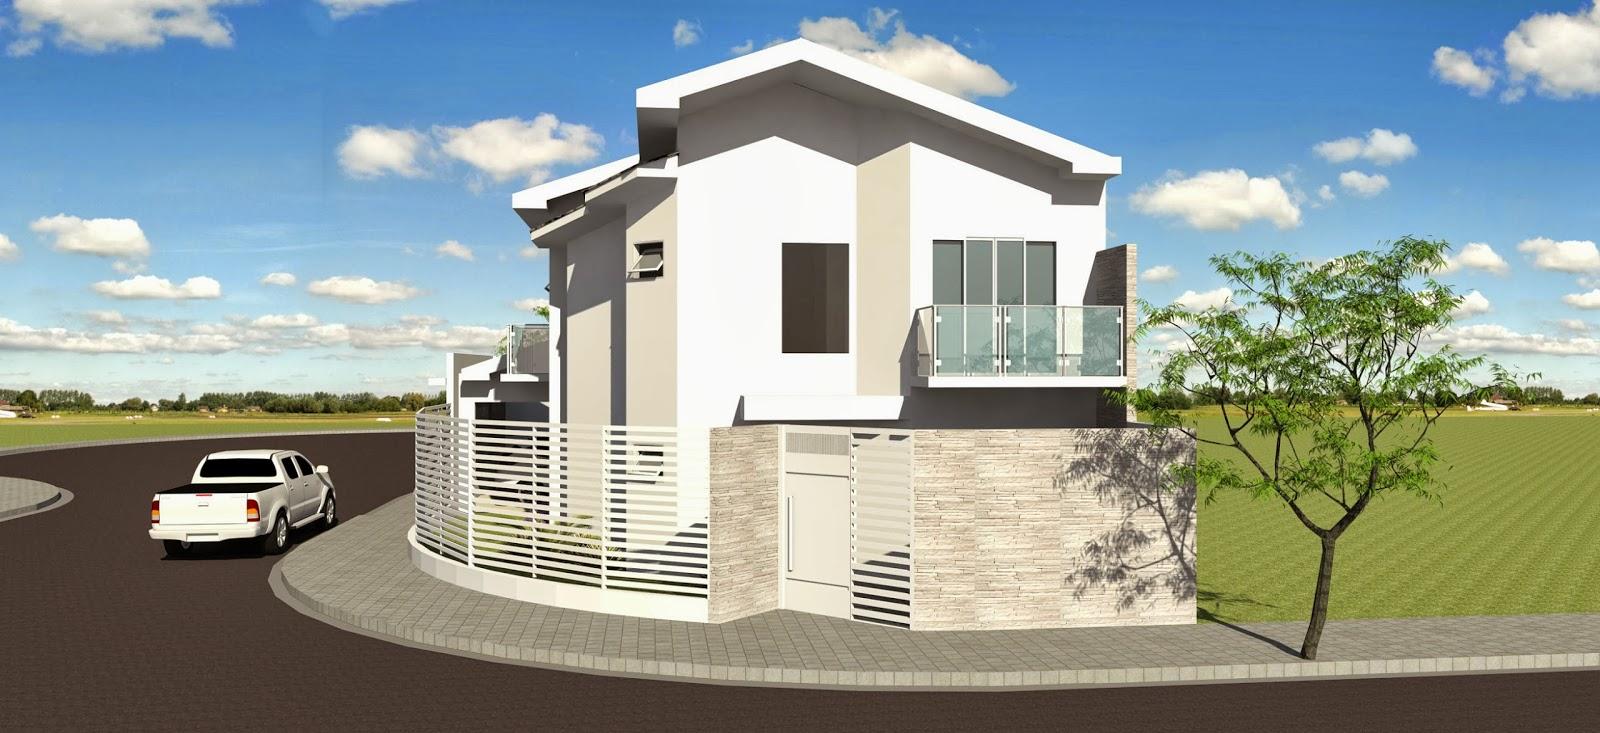 Sobrado em esquina fachada for Casa moderna esquina